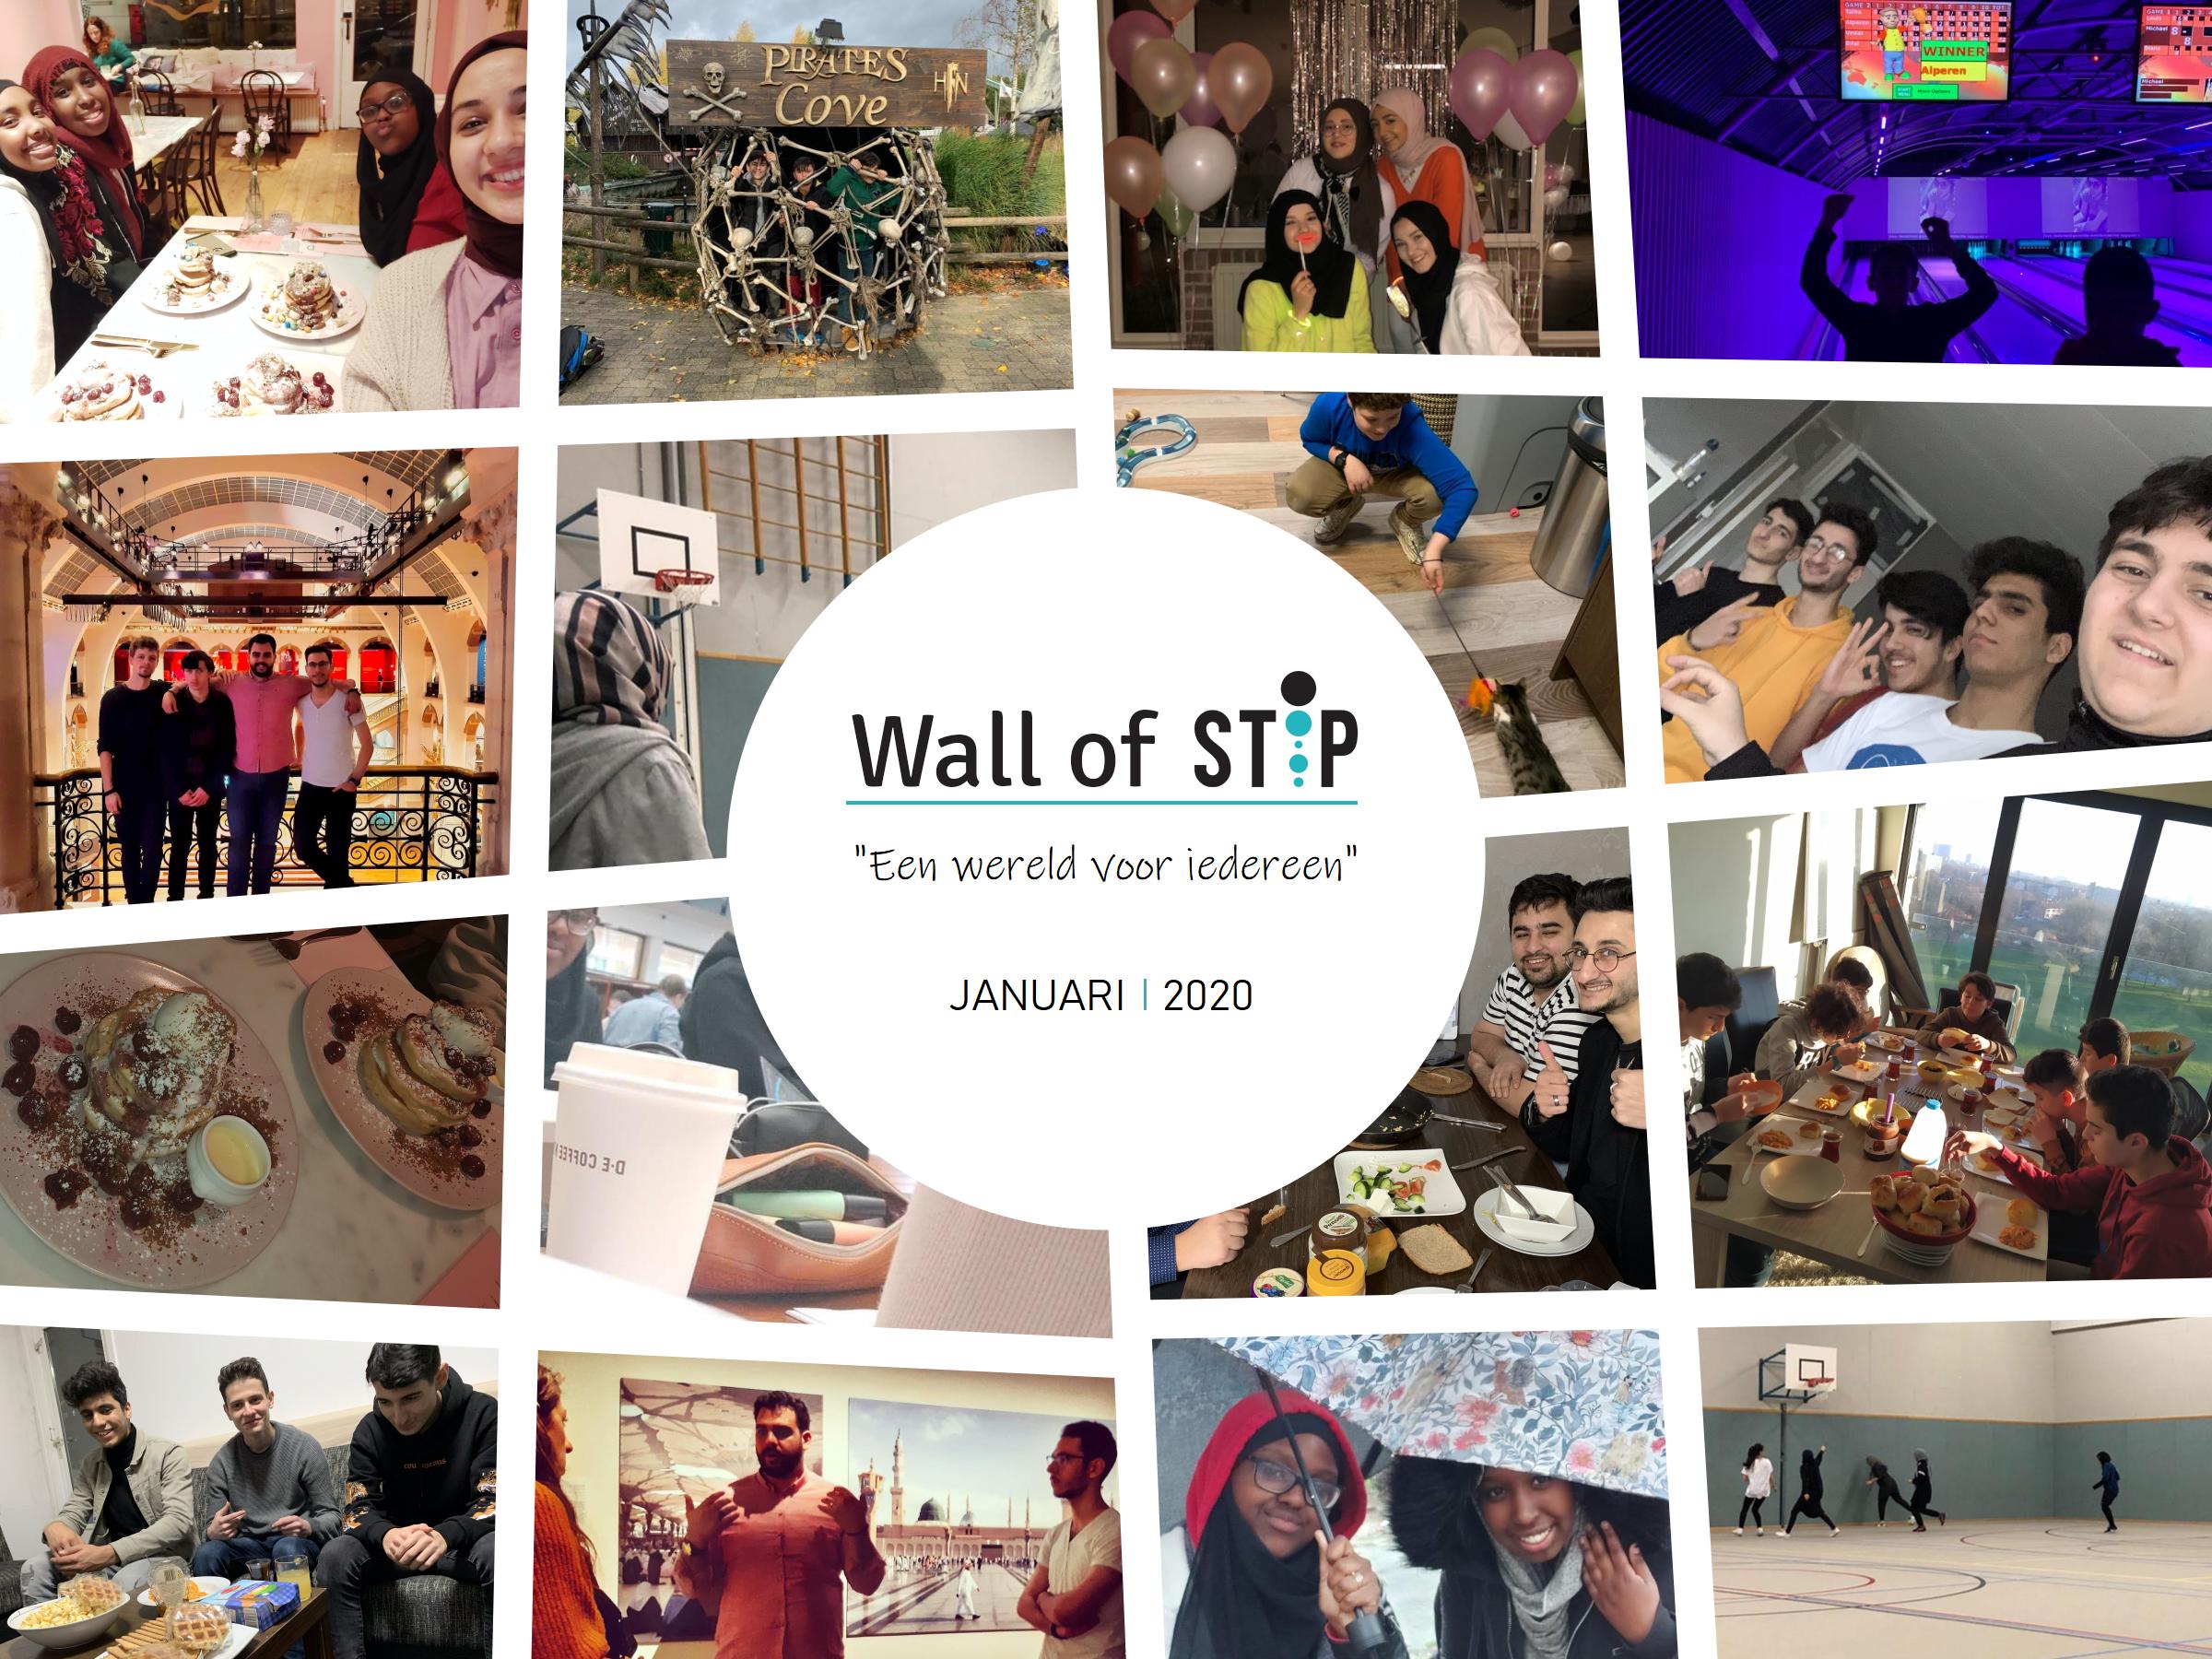 Wall of Stip - Januari 2020